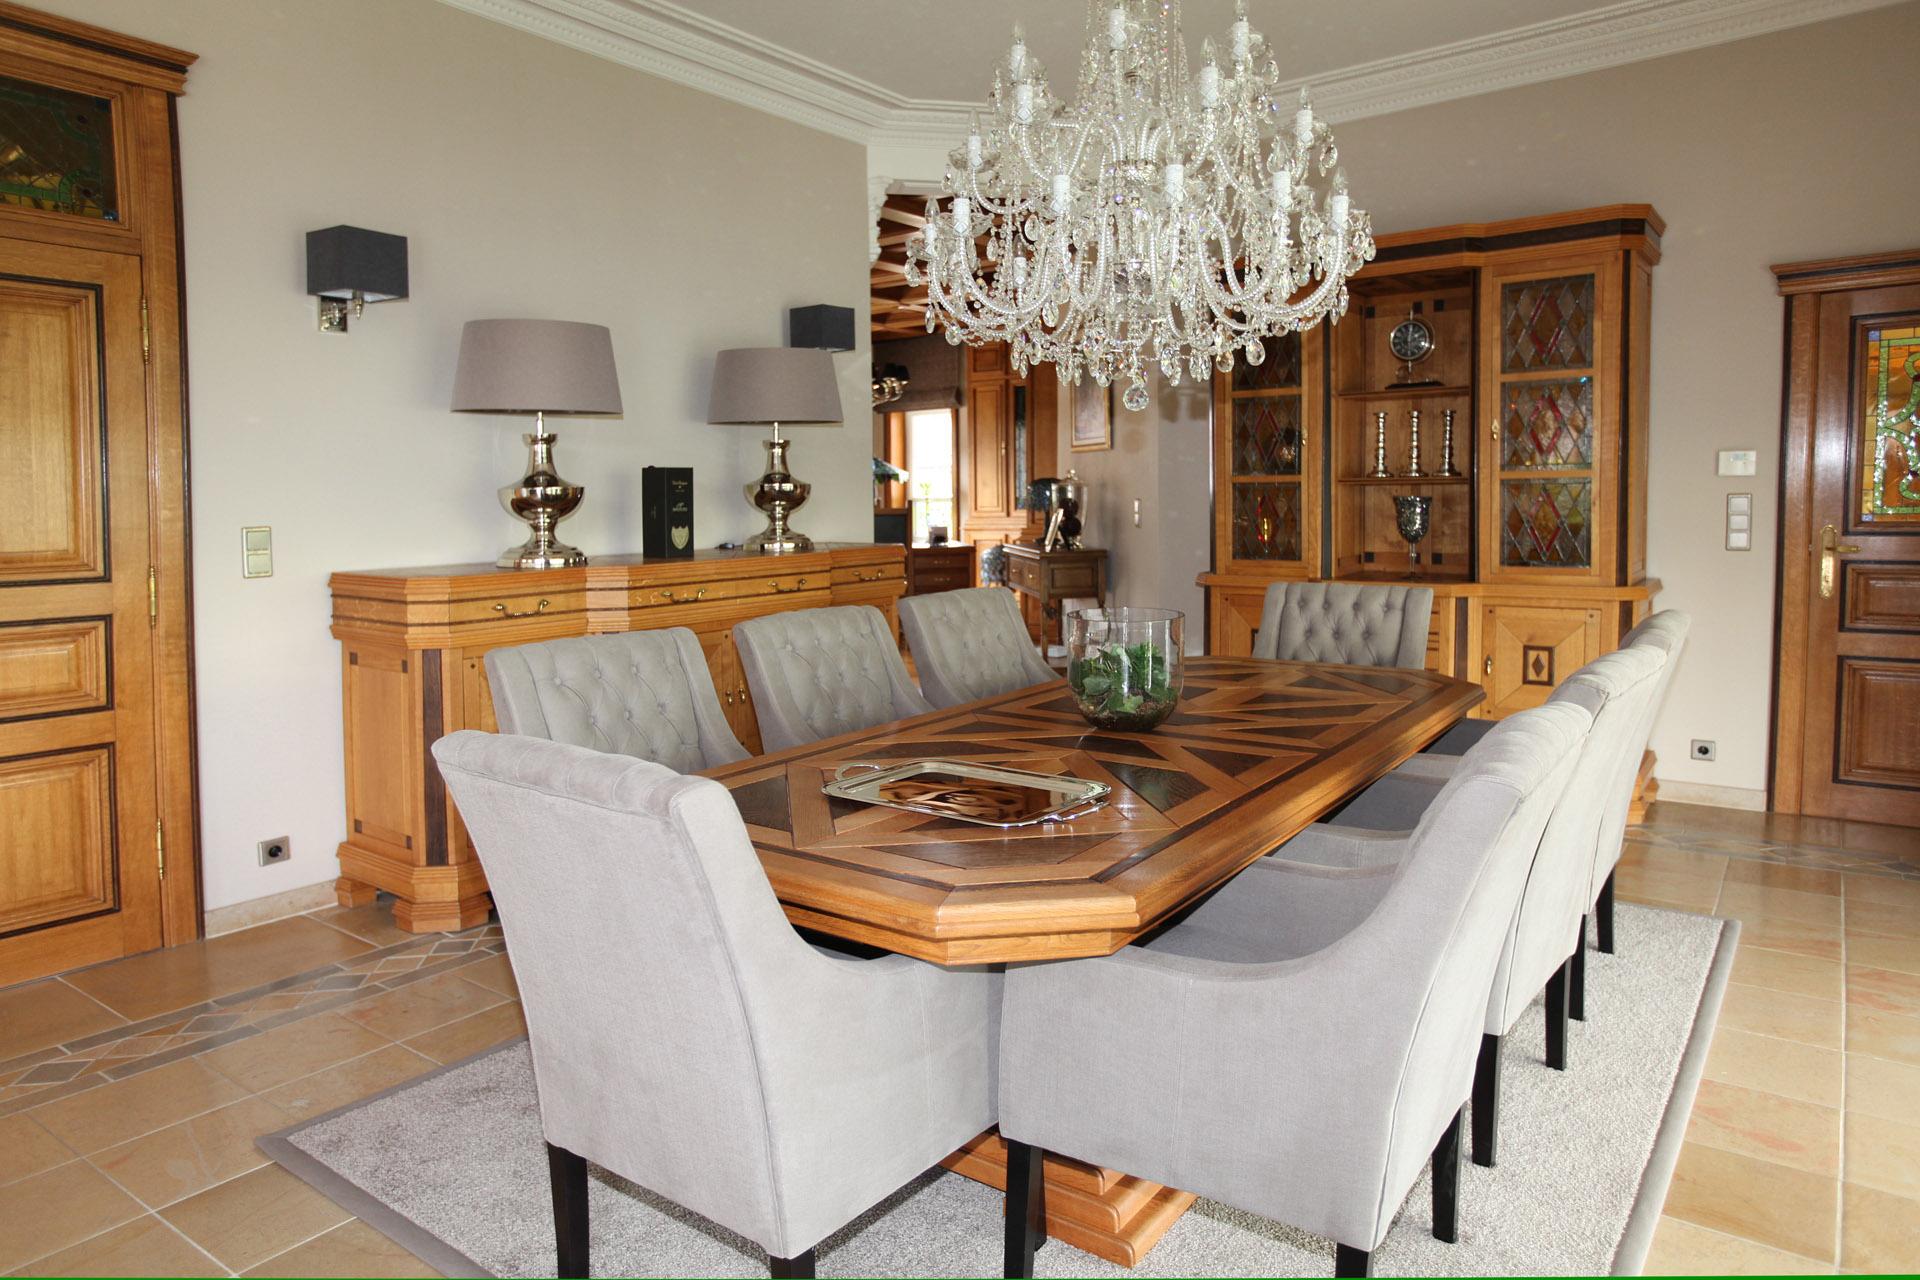 Eetplaats - Marcotte Style